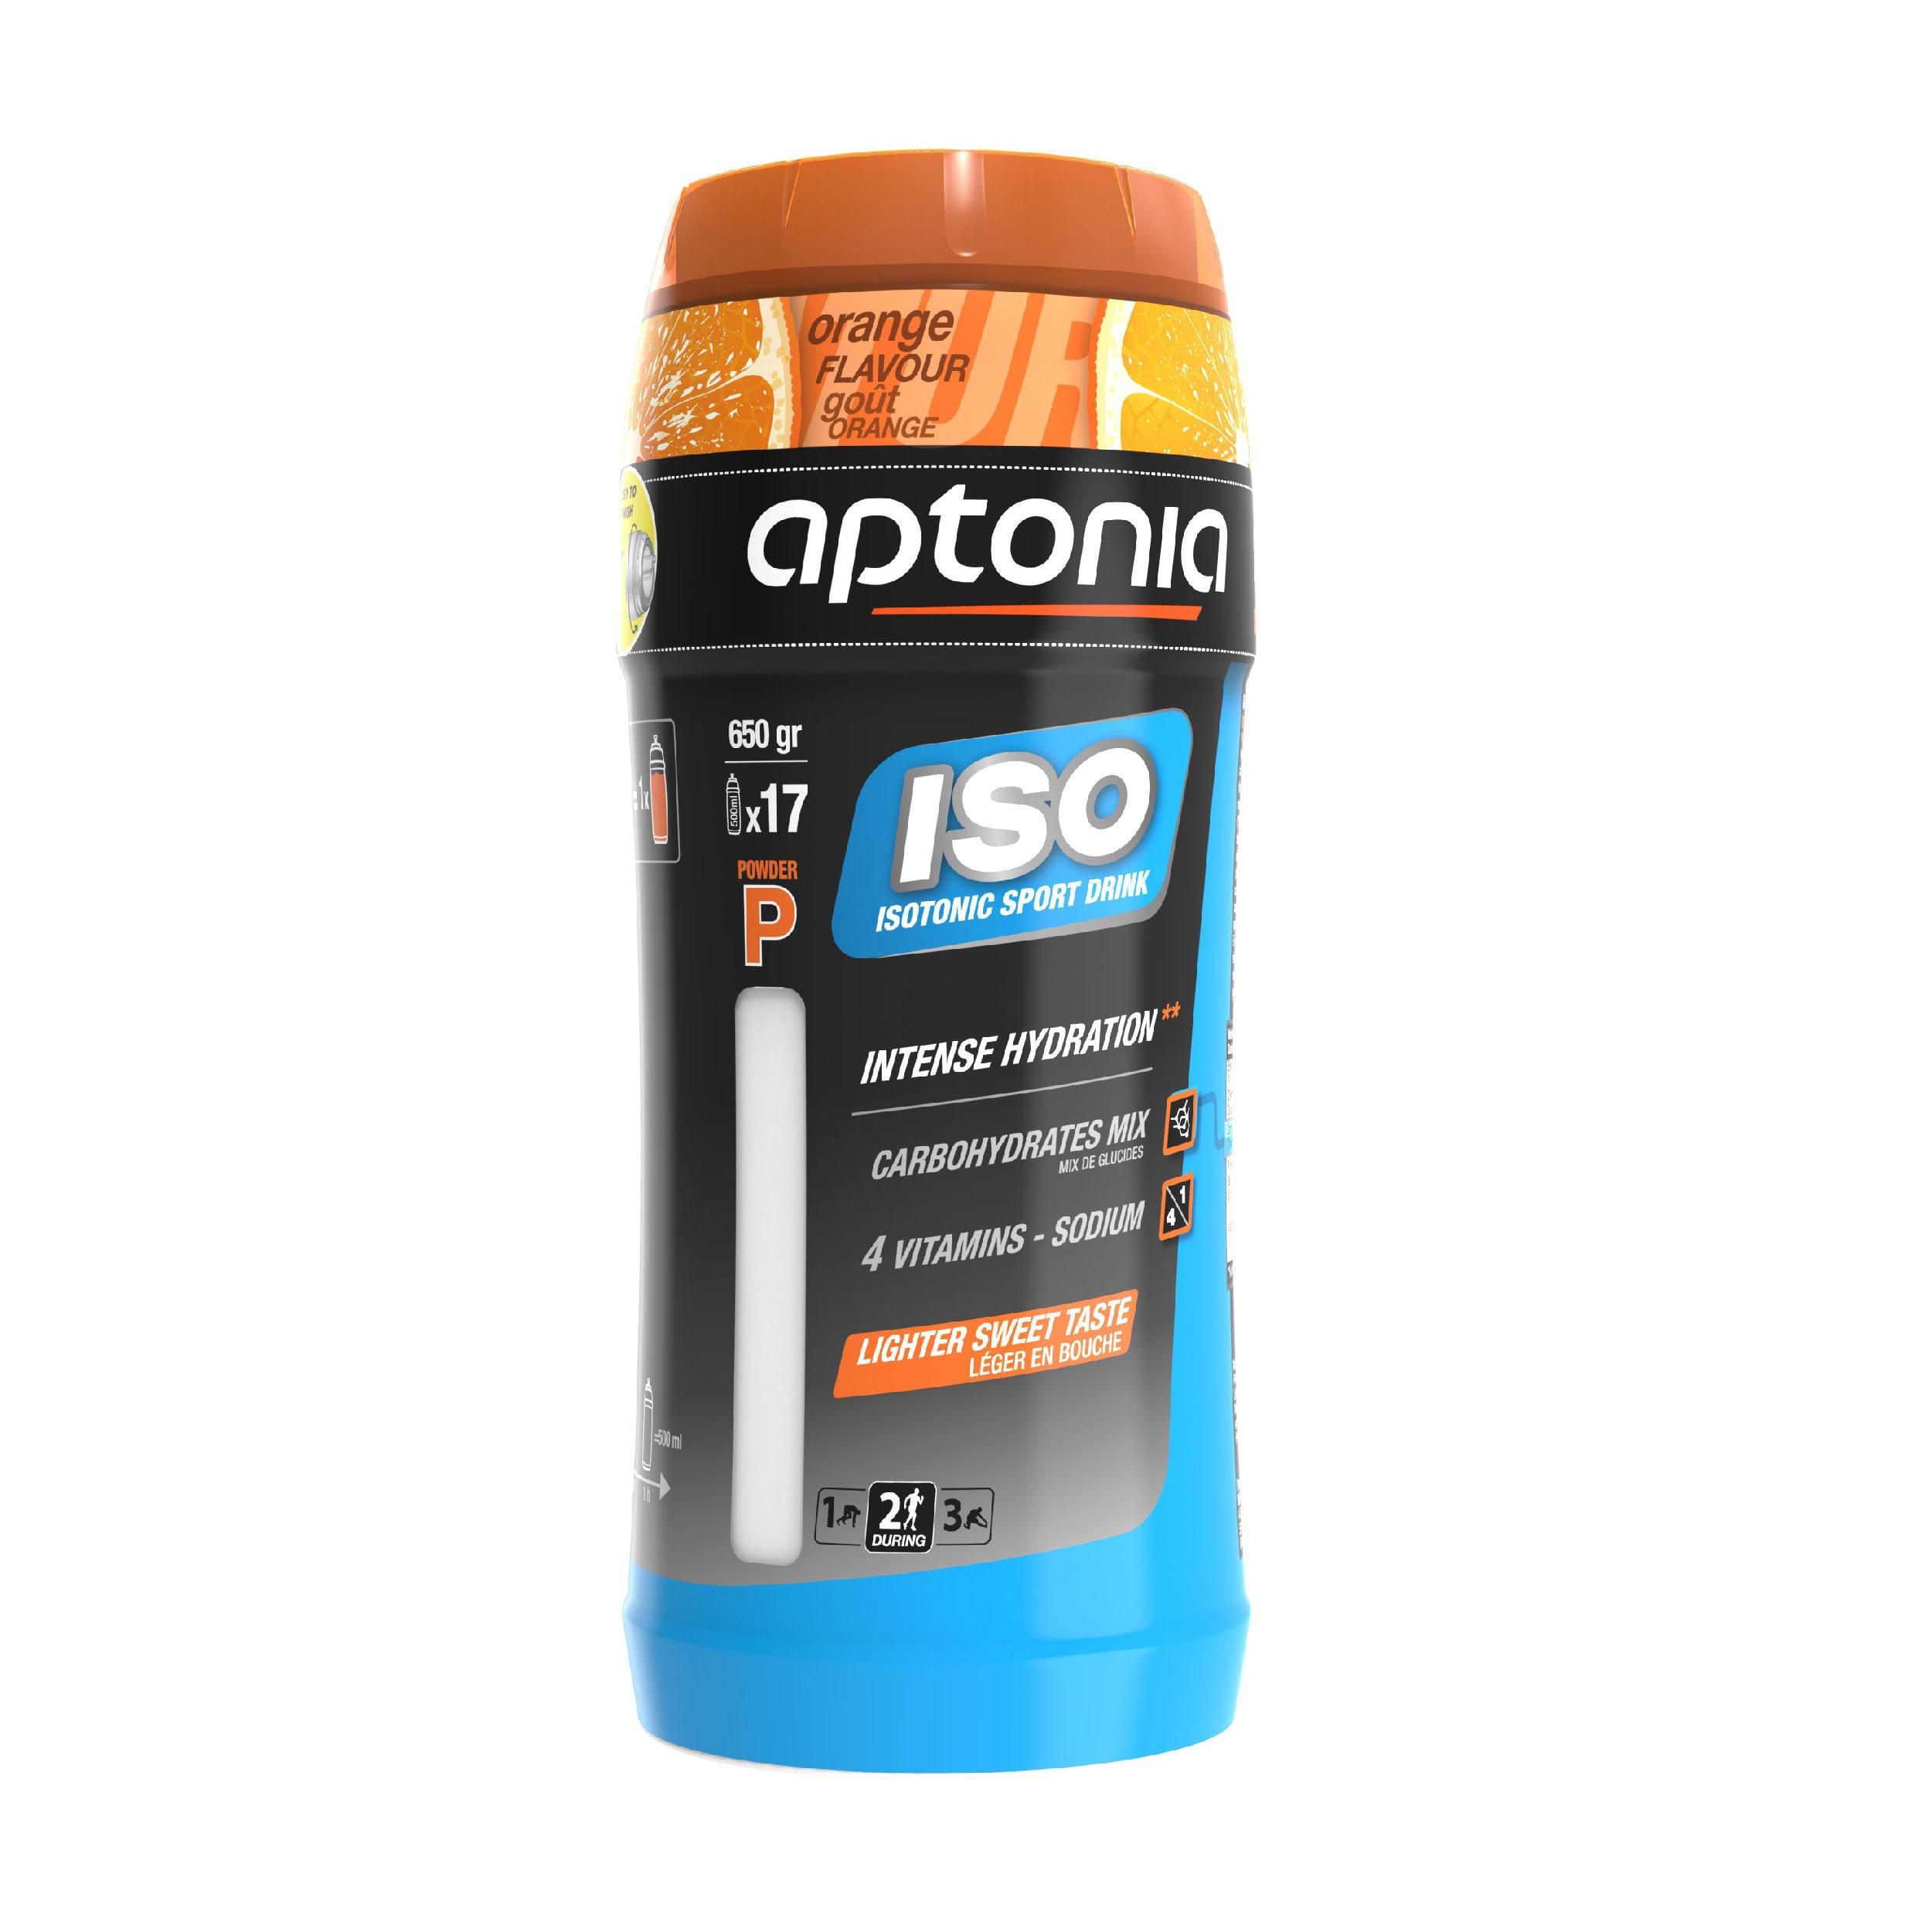 Băutură ISO Portocală 650g